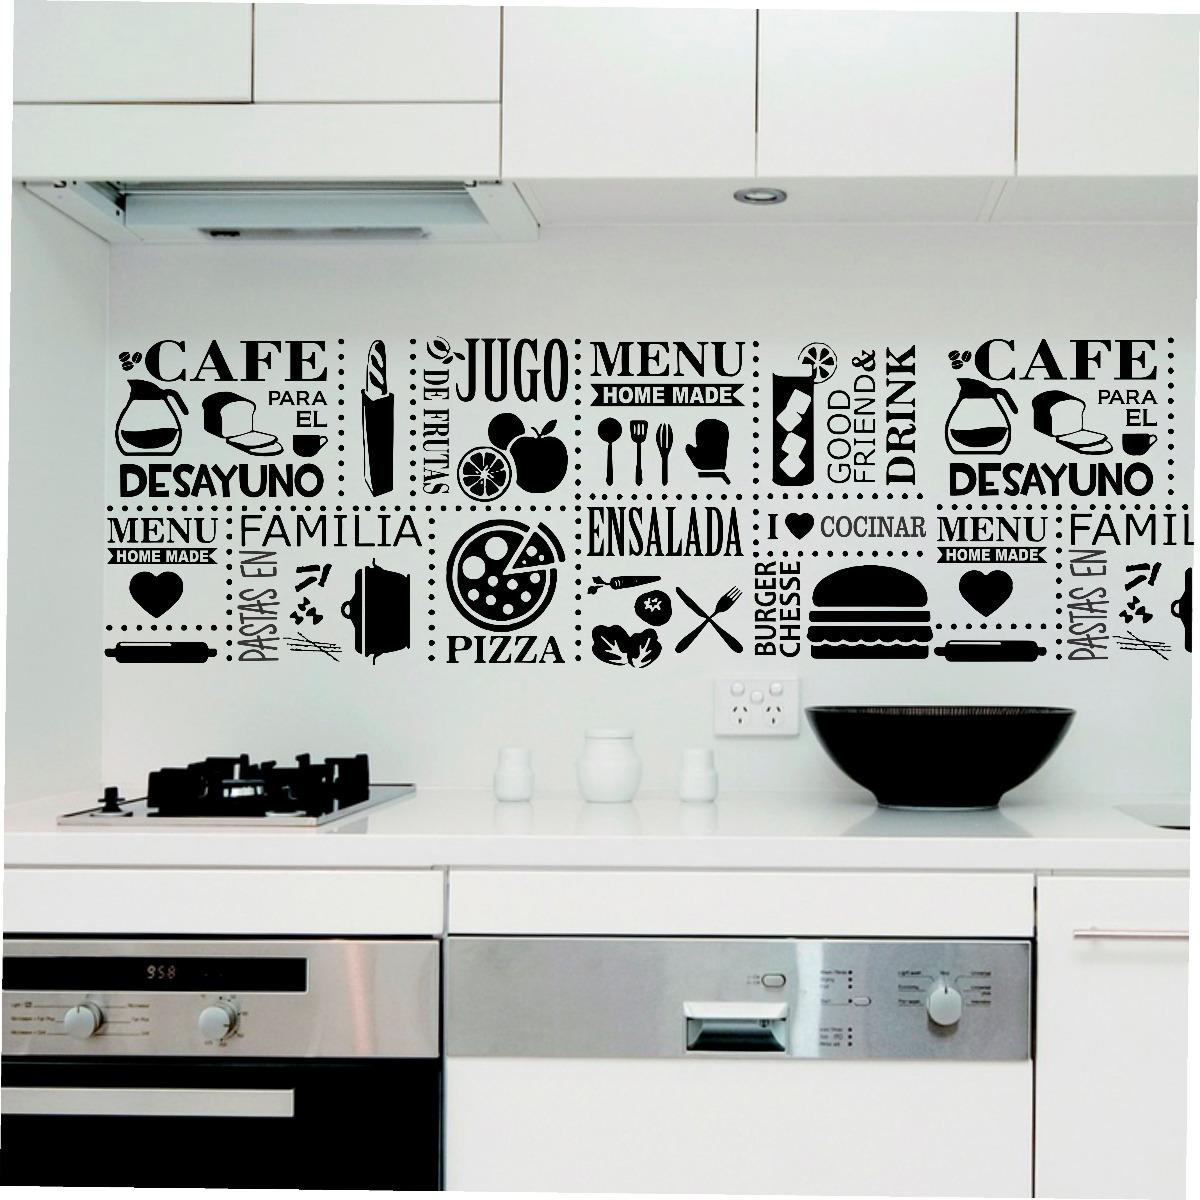 Vinilo Pared Guarda Cocina B Wall Sticker - $ 317,40 en Mercado Libre